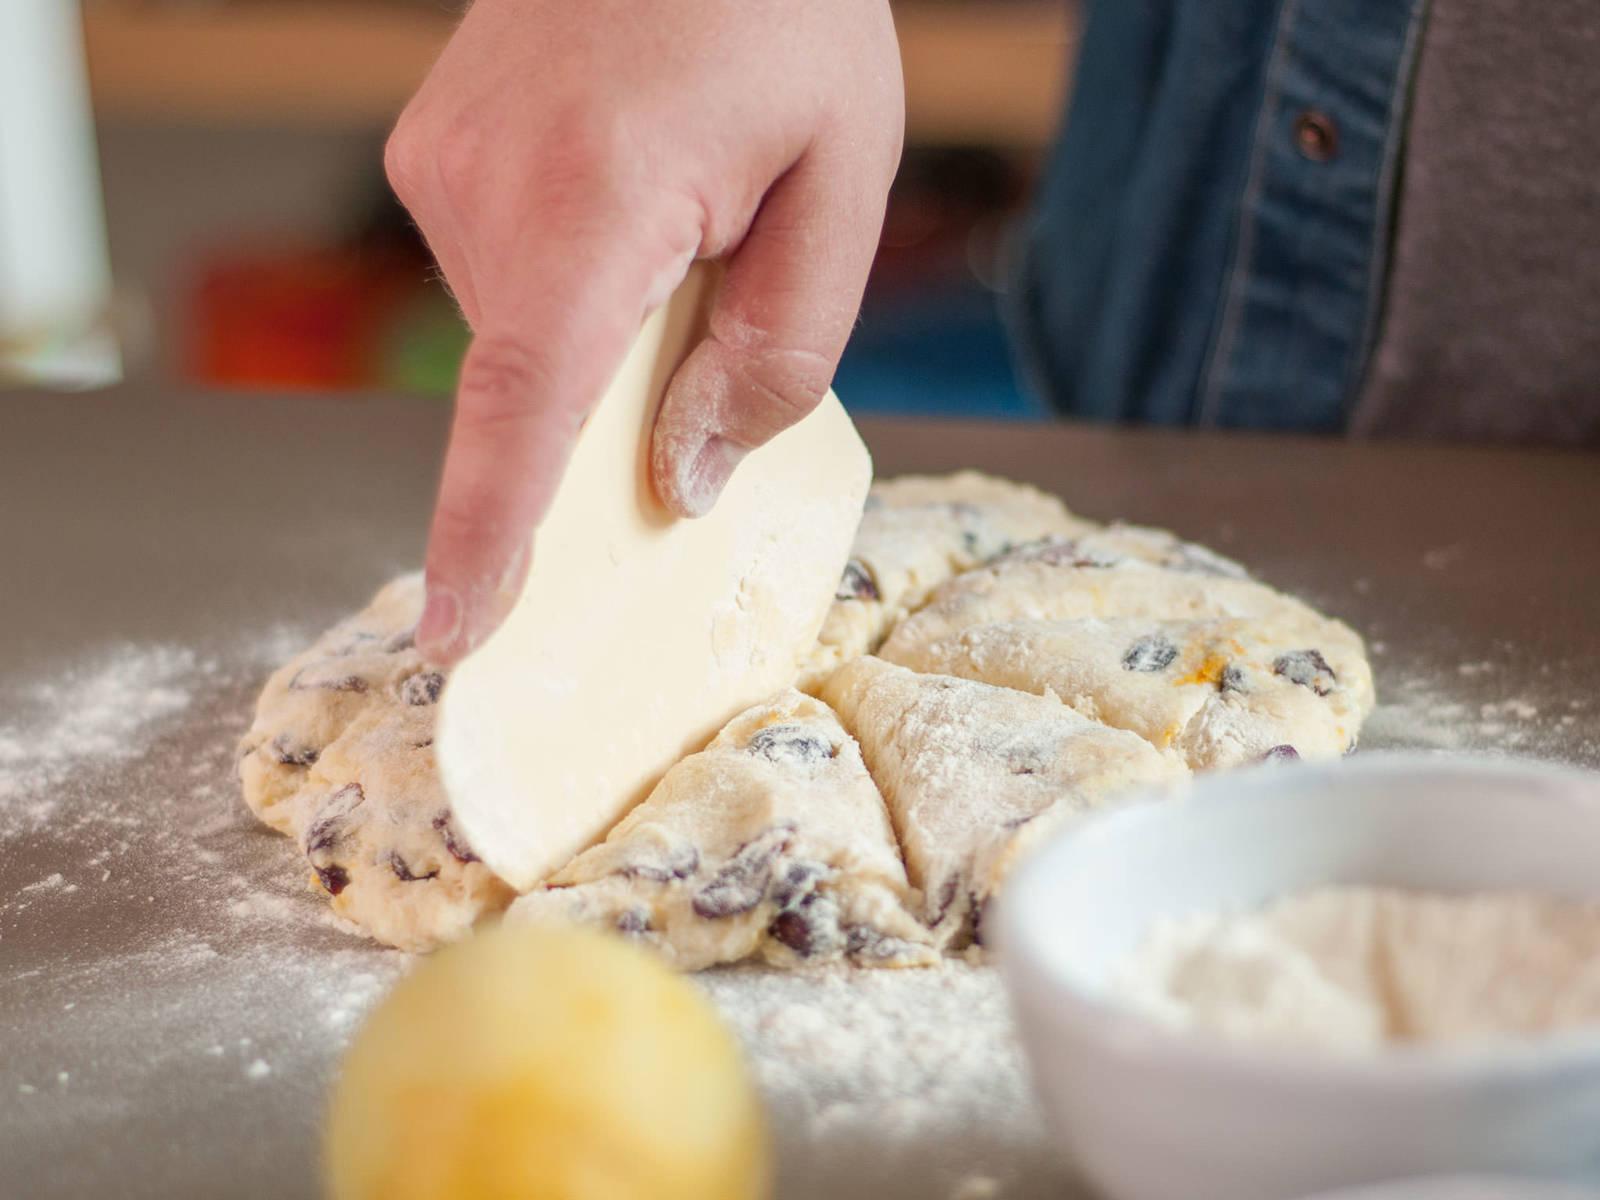 将面团放到撒有面粉的工作台上,将其摊开至两个手指的厚度,并切成三角形面片。将面片放入铺有烘培纸的烤盘中,放入预热至200摄氏度的烤箱中,烤制18-20分钟,或烤至面片呈金黄色,即成司康。